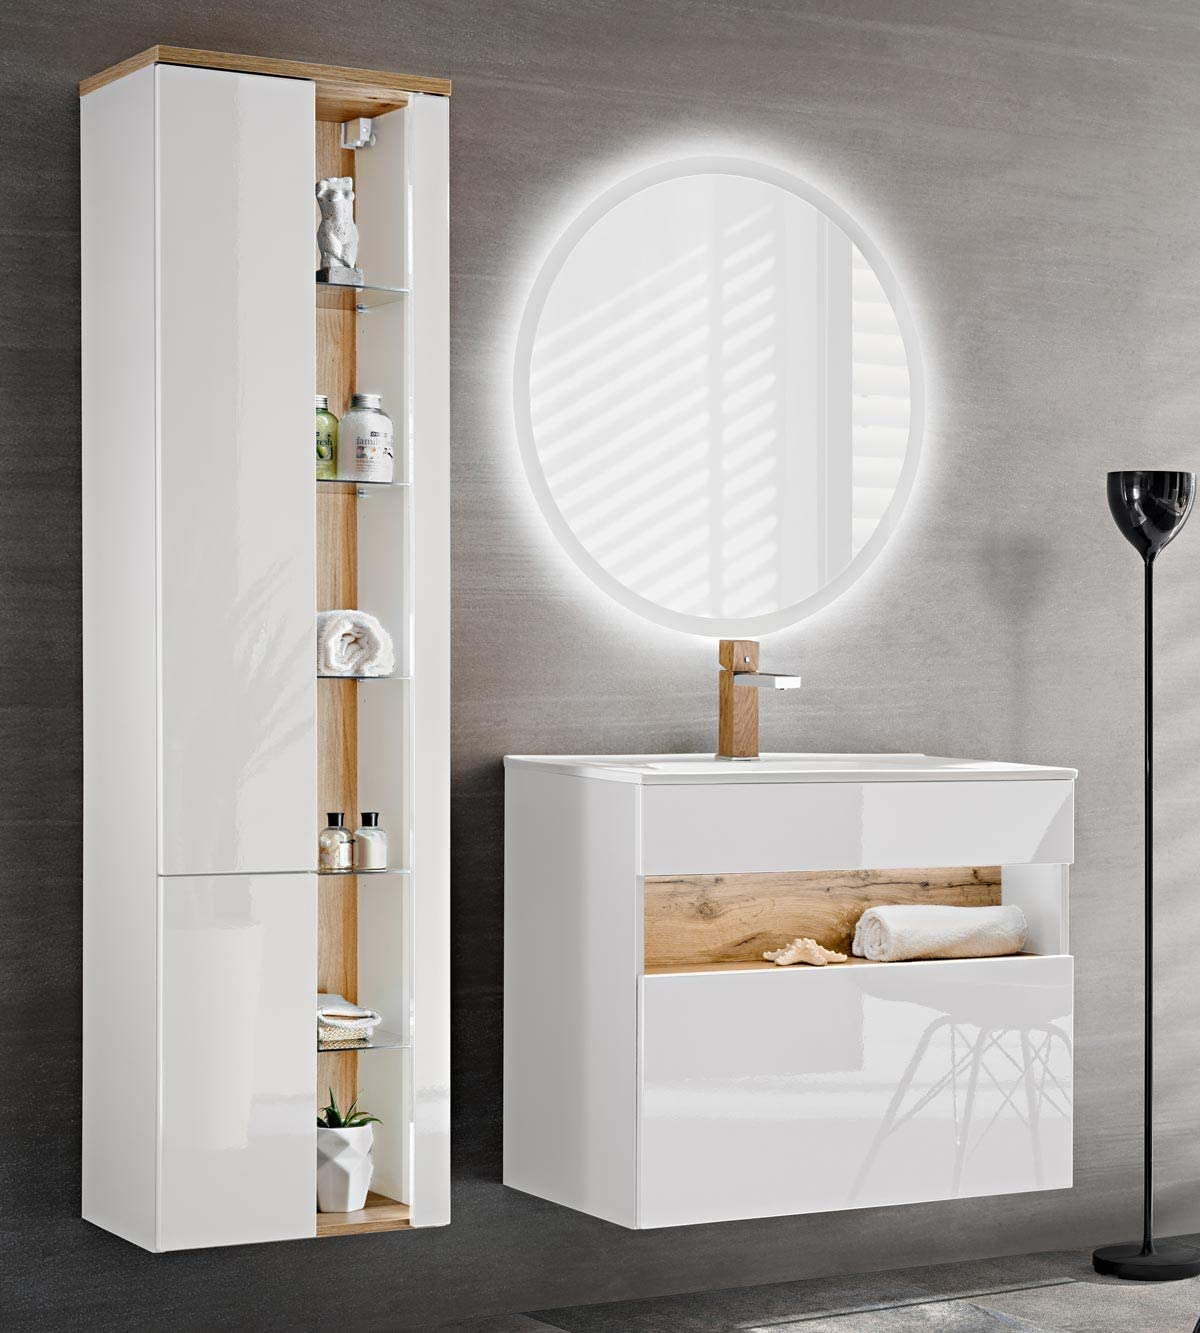 Lavabo Armadio Mobile Lavabo Set da 5 Pezzi WFL GROUP Mobili Bagno Bianco Lucido Armadio a Specchio con LED